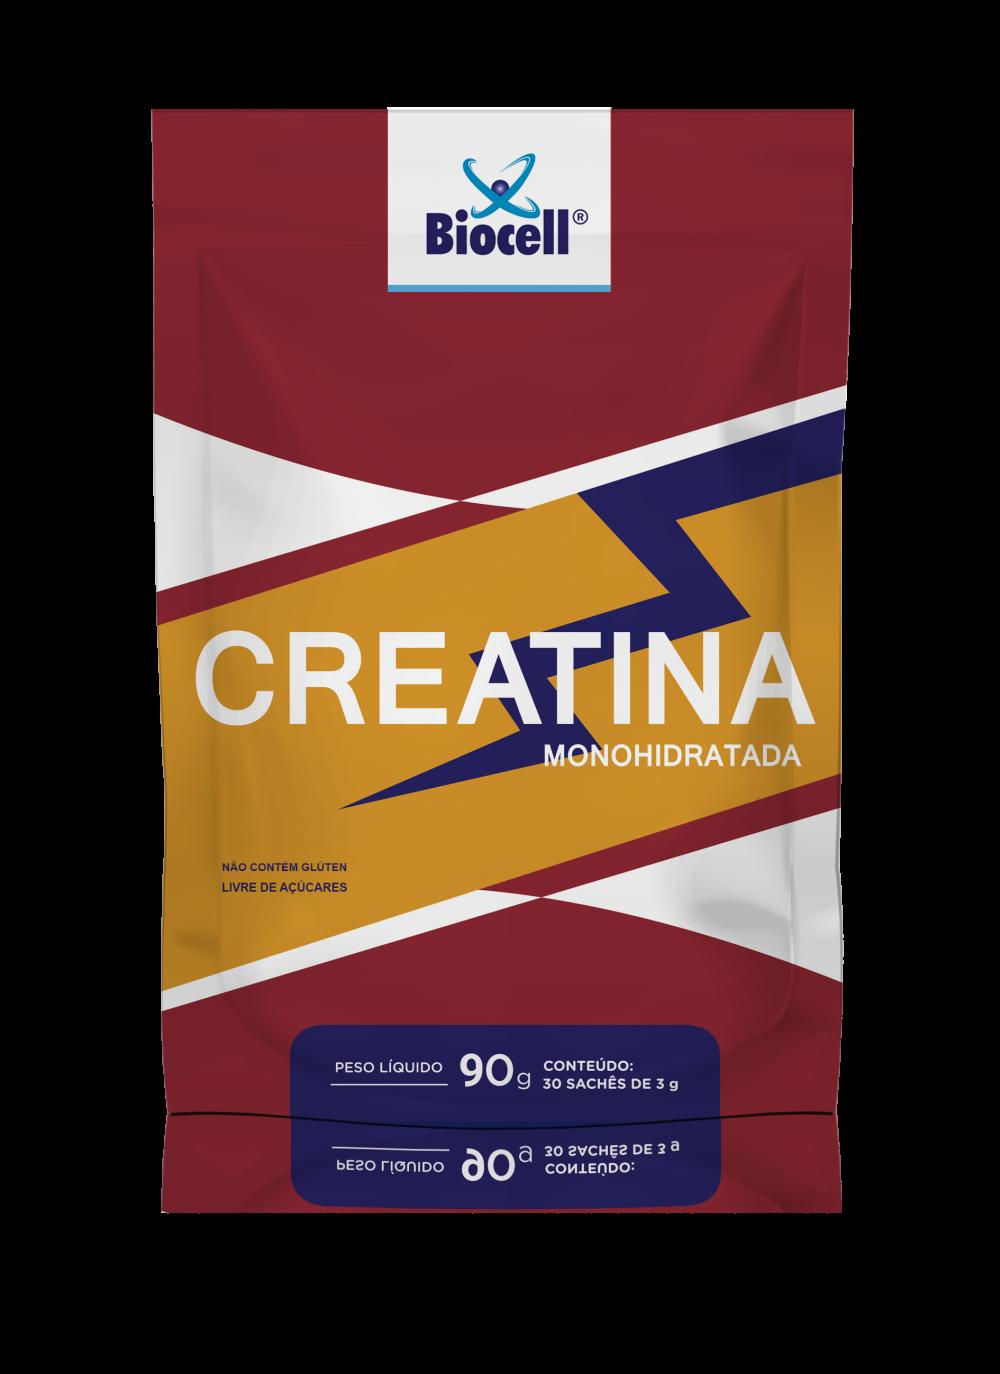 Creatina Monohidratada - Suplemento Alimentar em Pó 30 sachês de 3 g